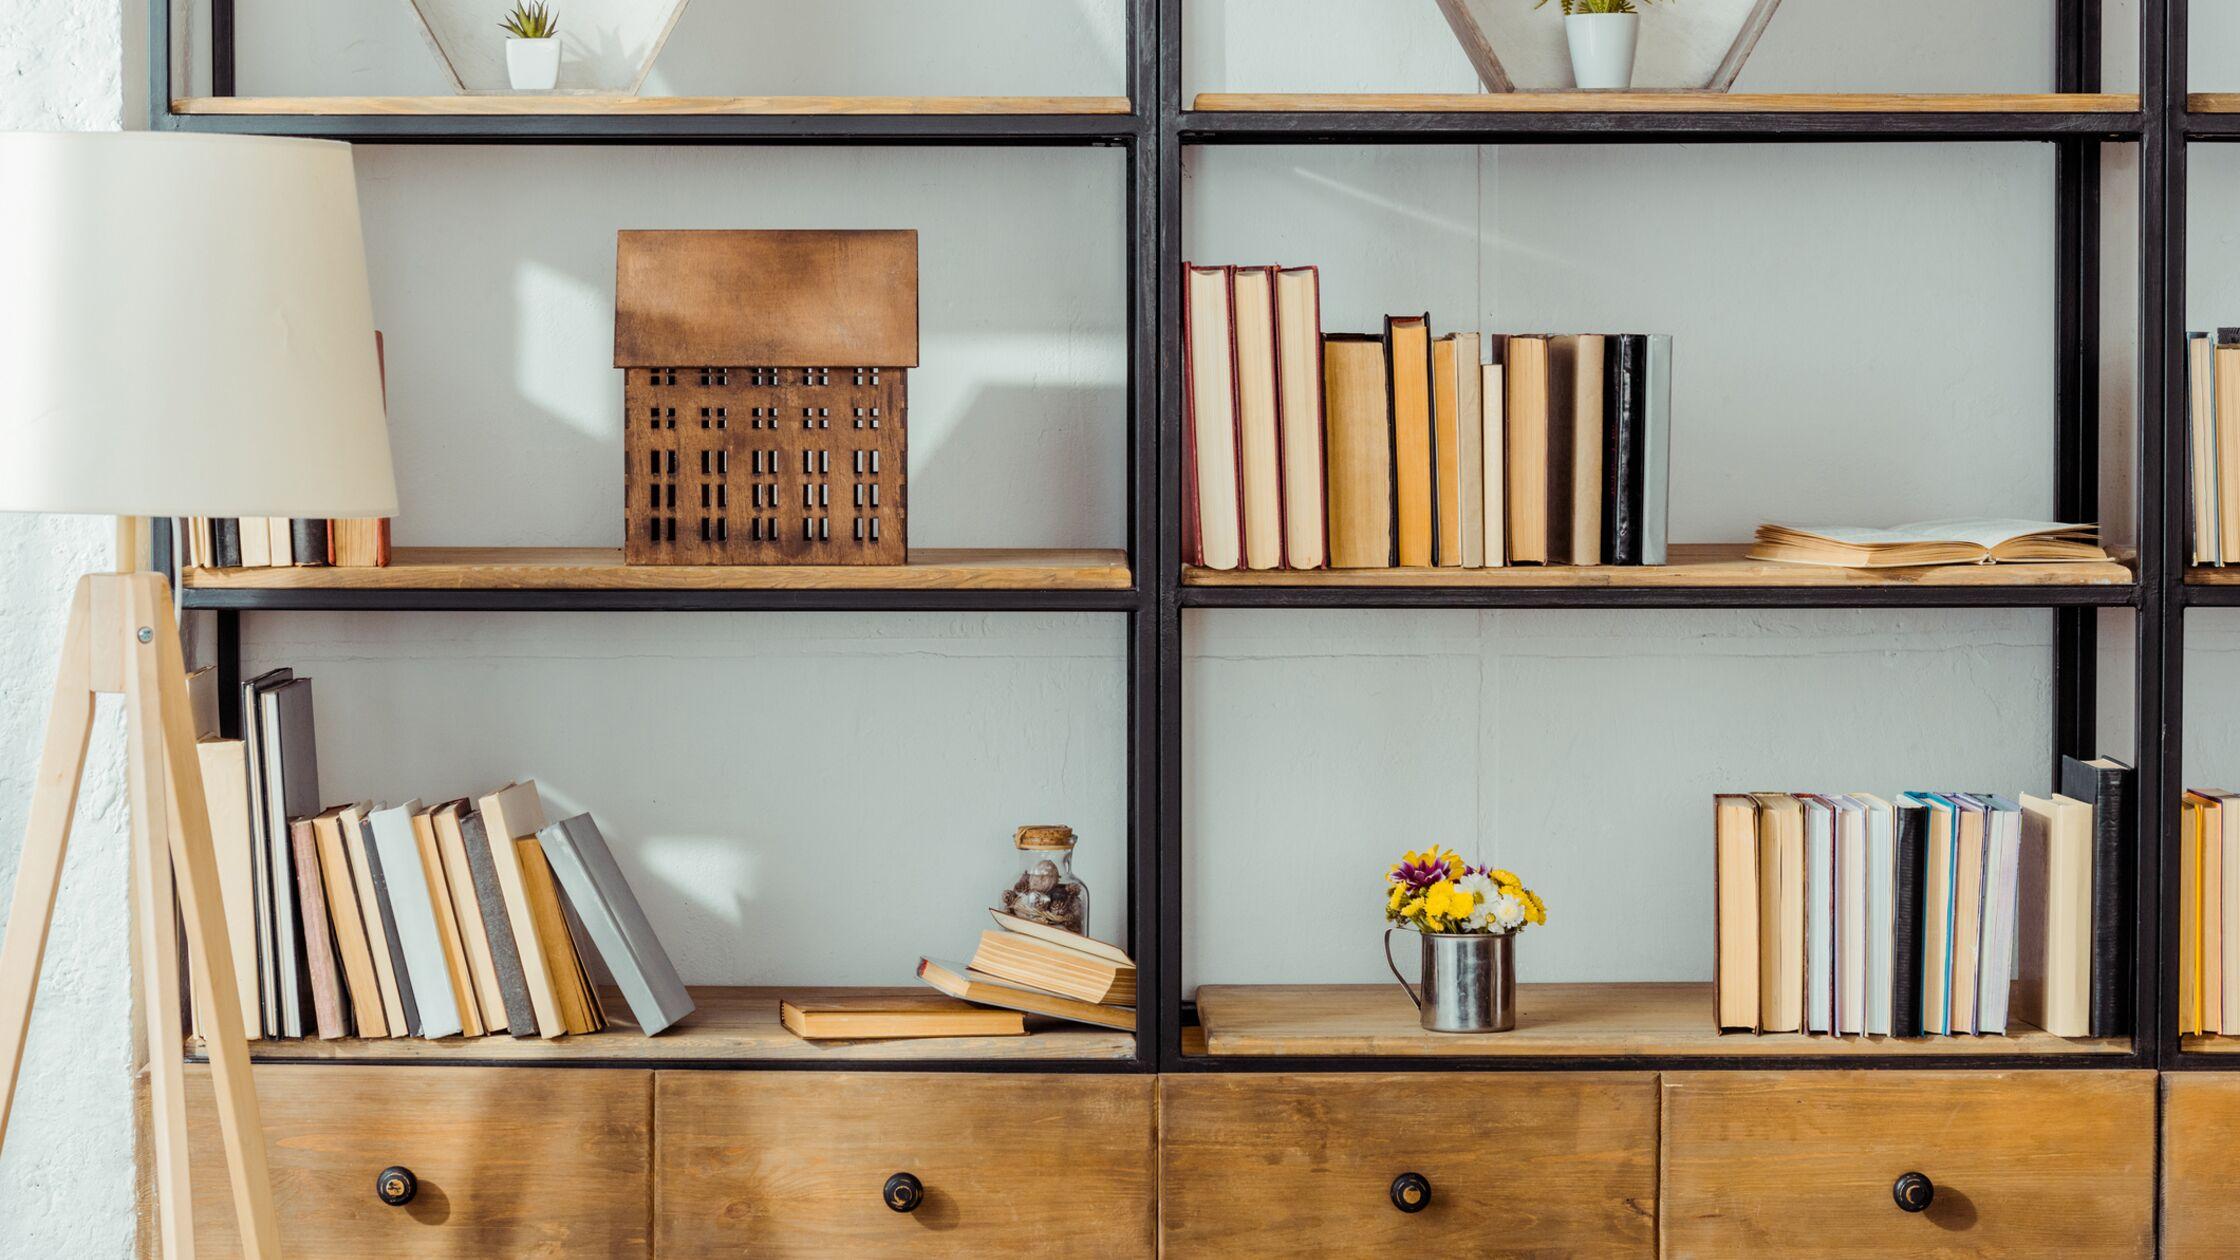 Regal-Ensemble mit backwards Books, den Buchrücken nach vorne einsortiert